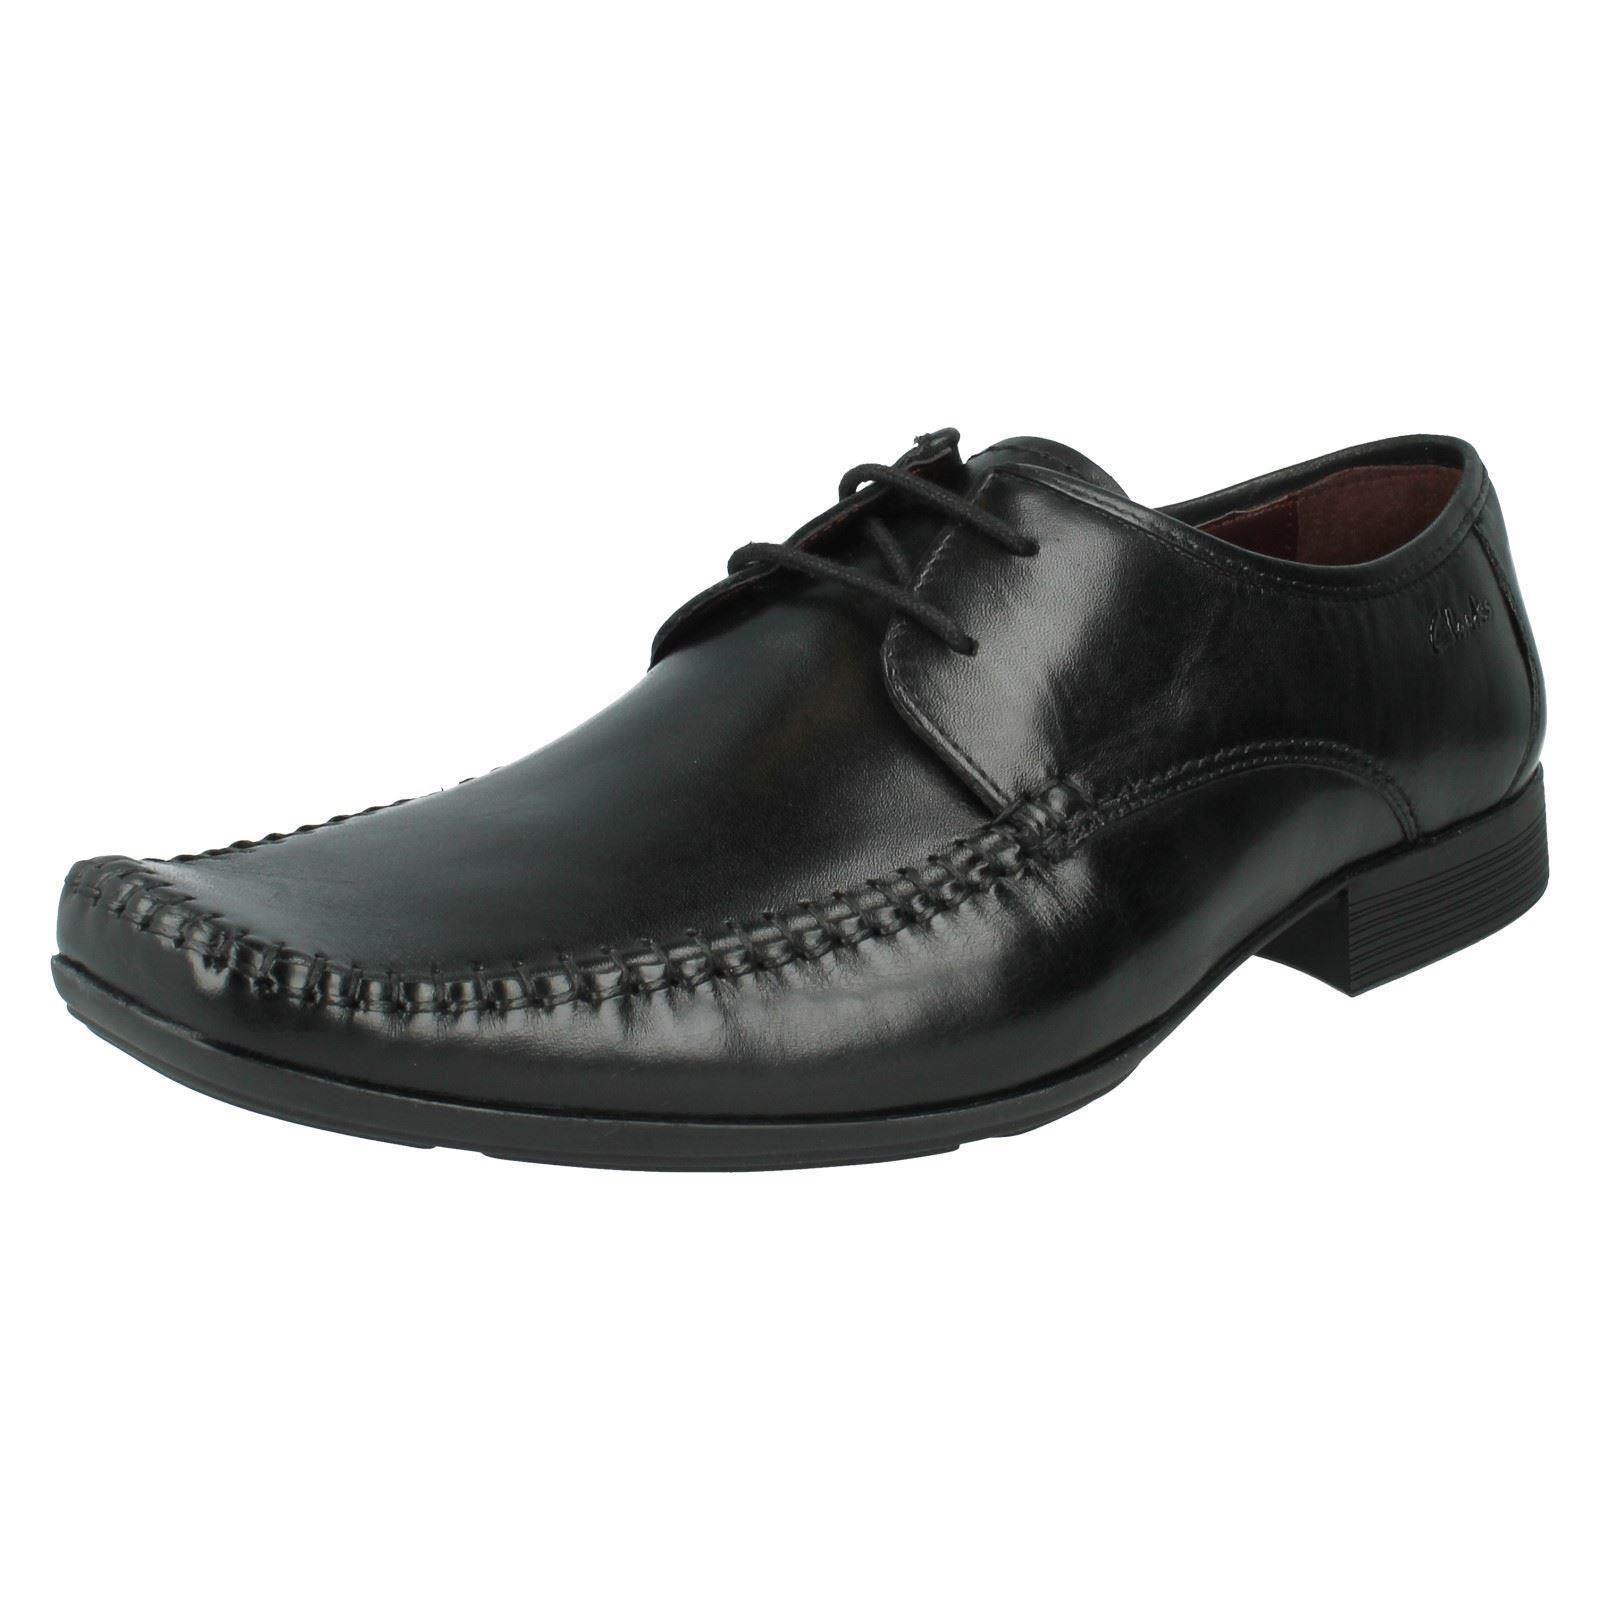 Herren Clarks schwarz Leather Schnürschuhe Ferro Spazier G PASSFORM